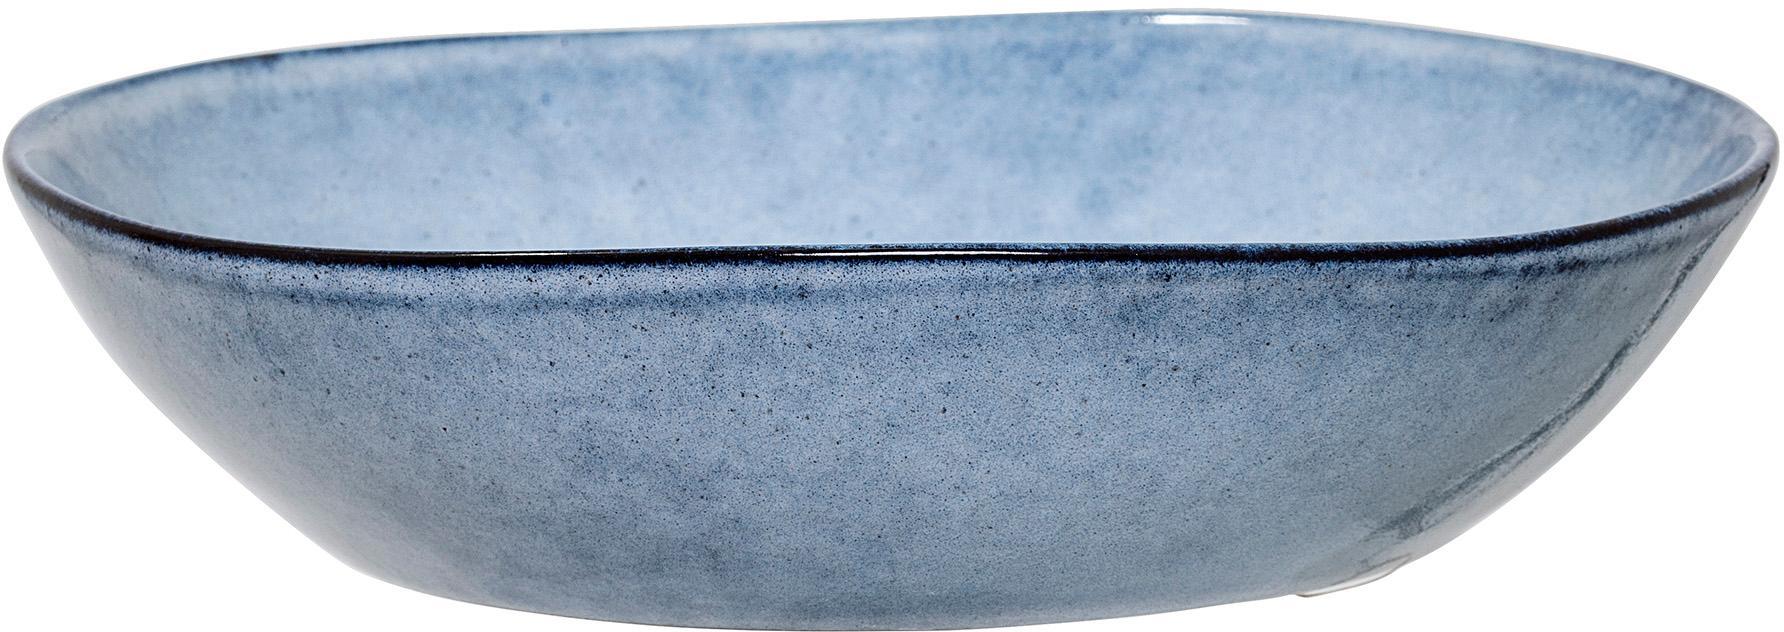 Handgemachter Suppenteller Sandrine in Blau, Steingut, Blautöne, Ø 22 x H 5 cm